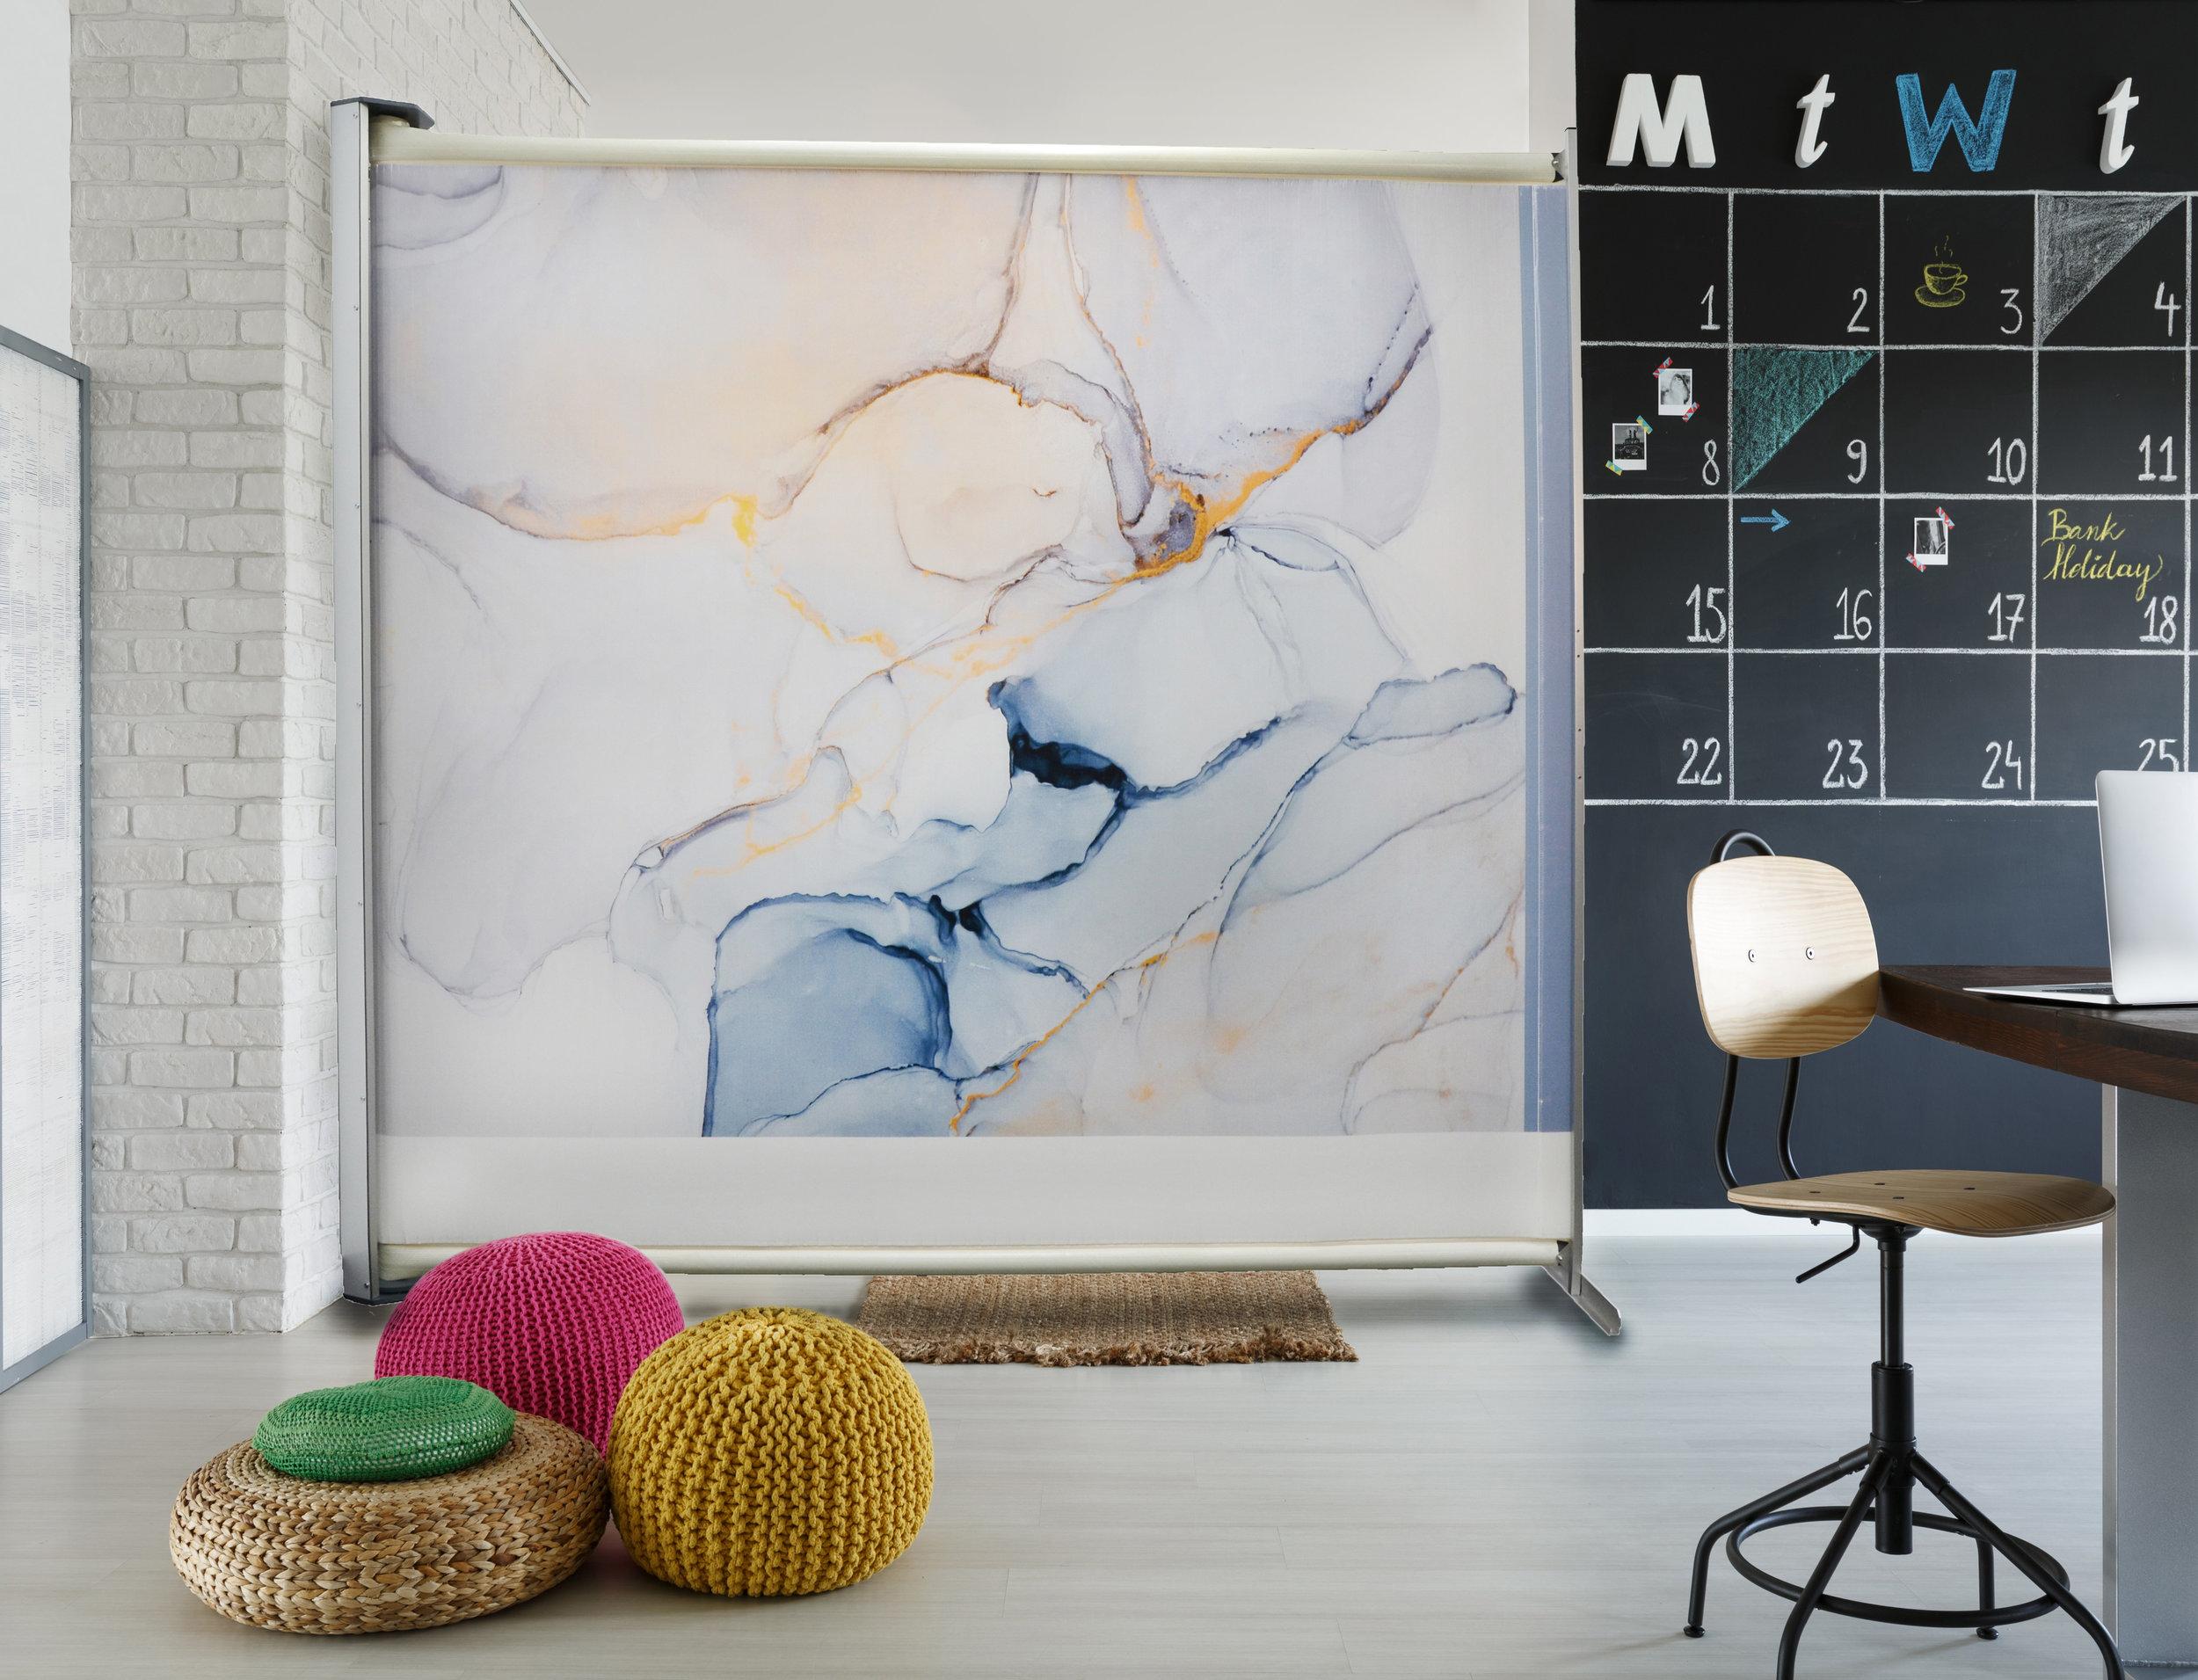 Office space 01 render.jpg